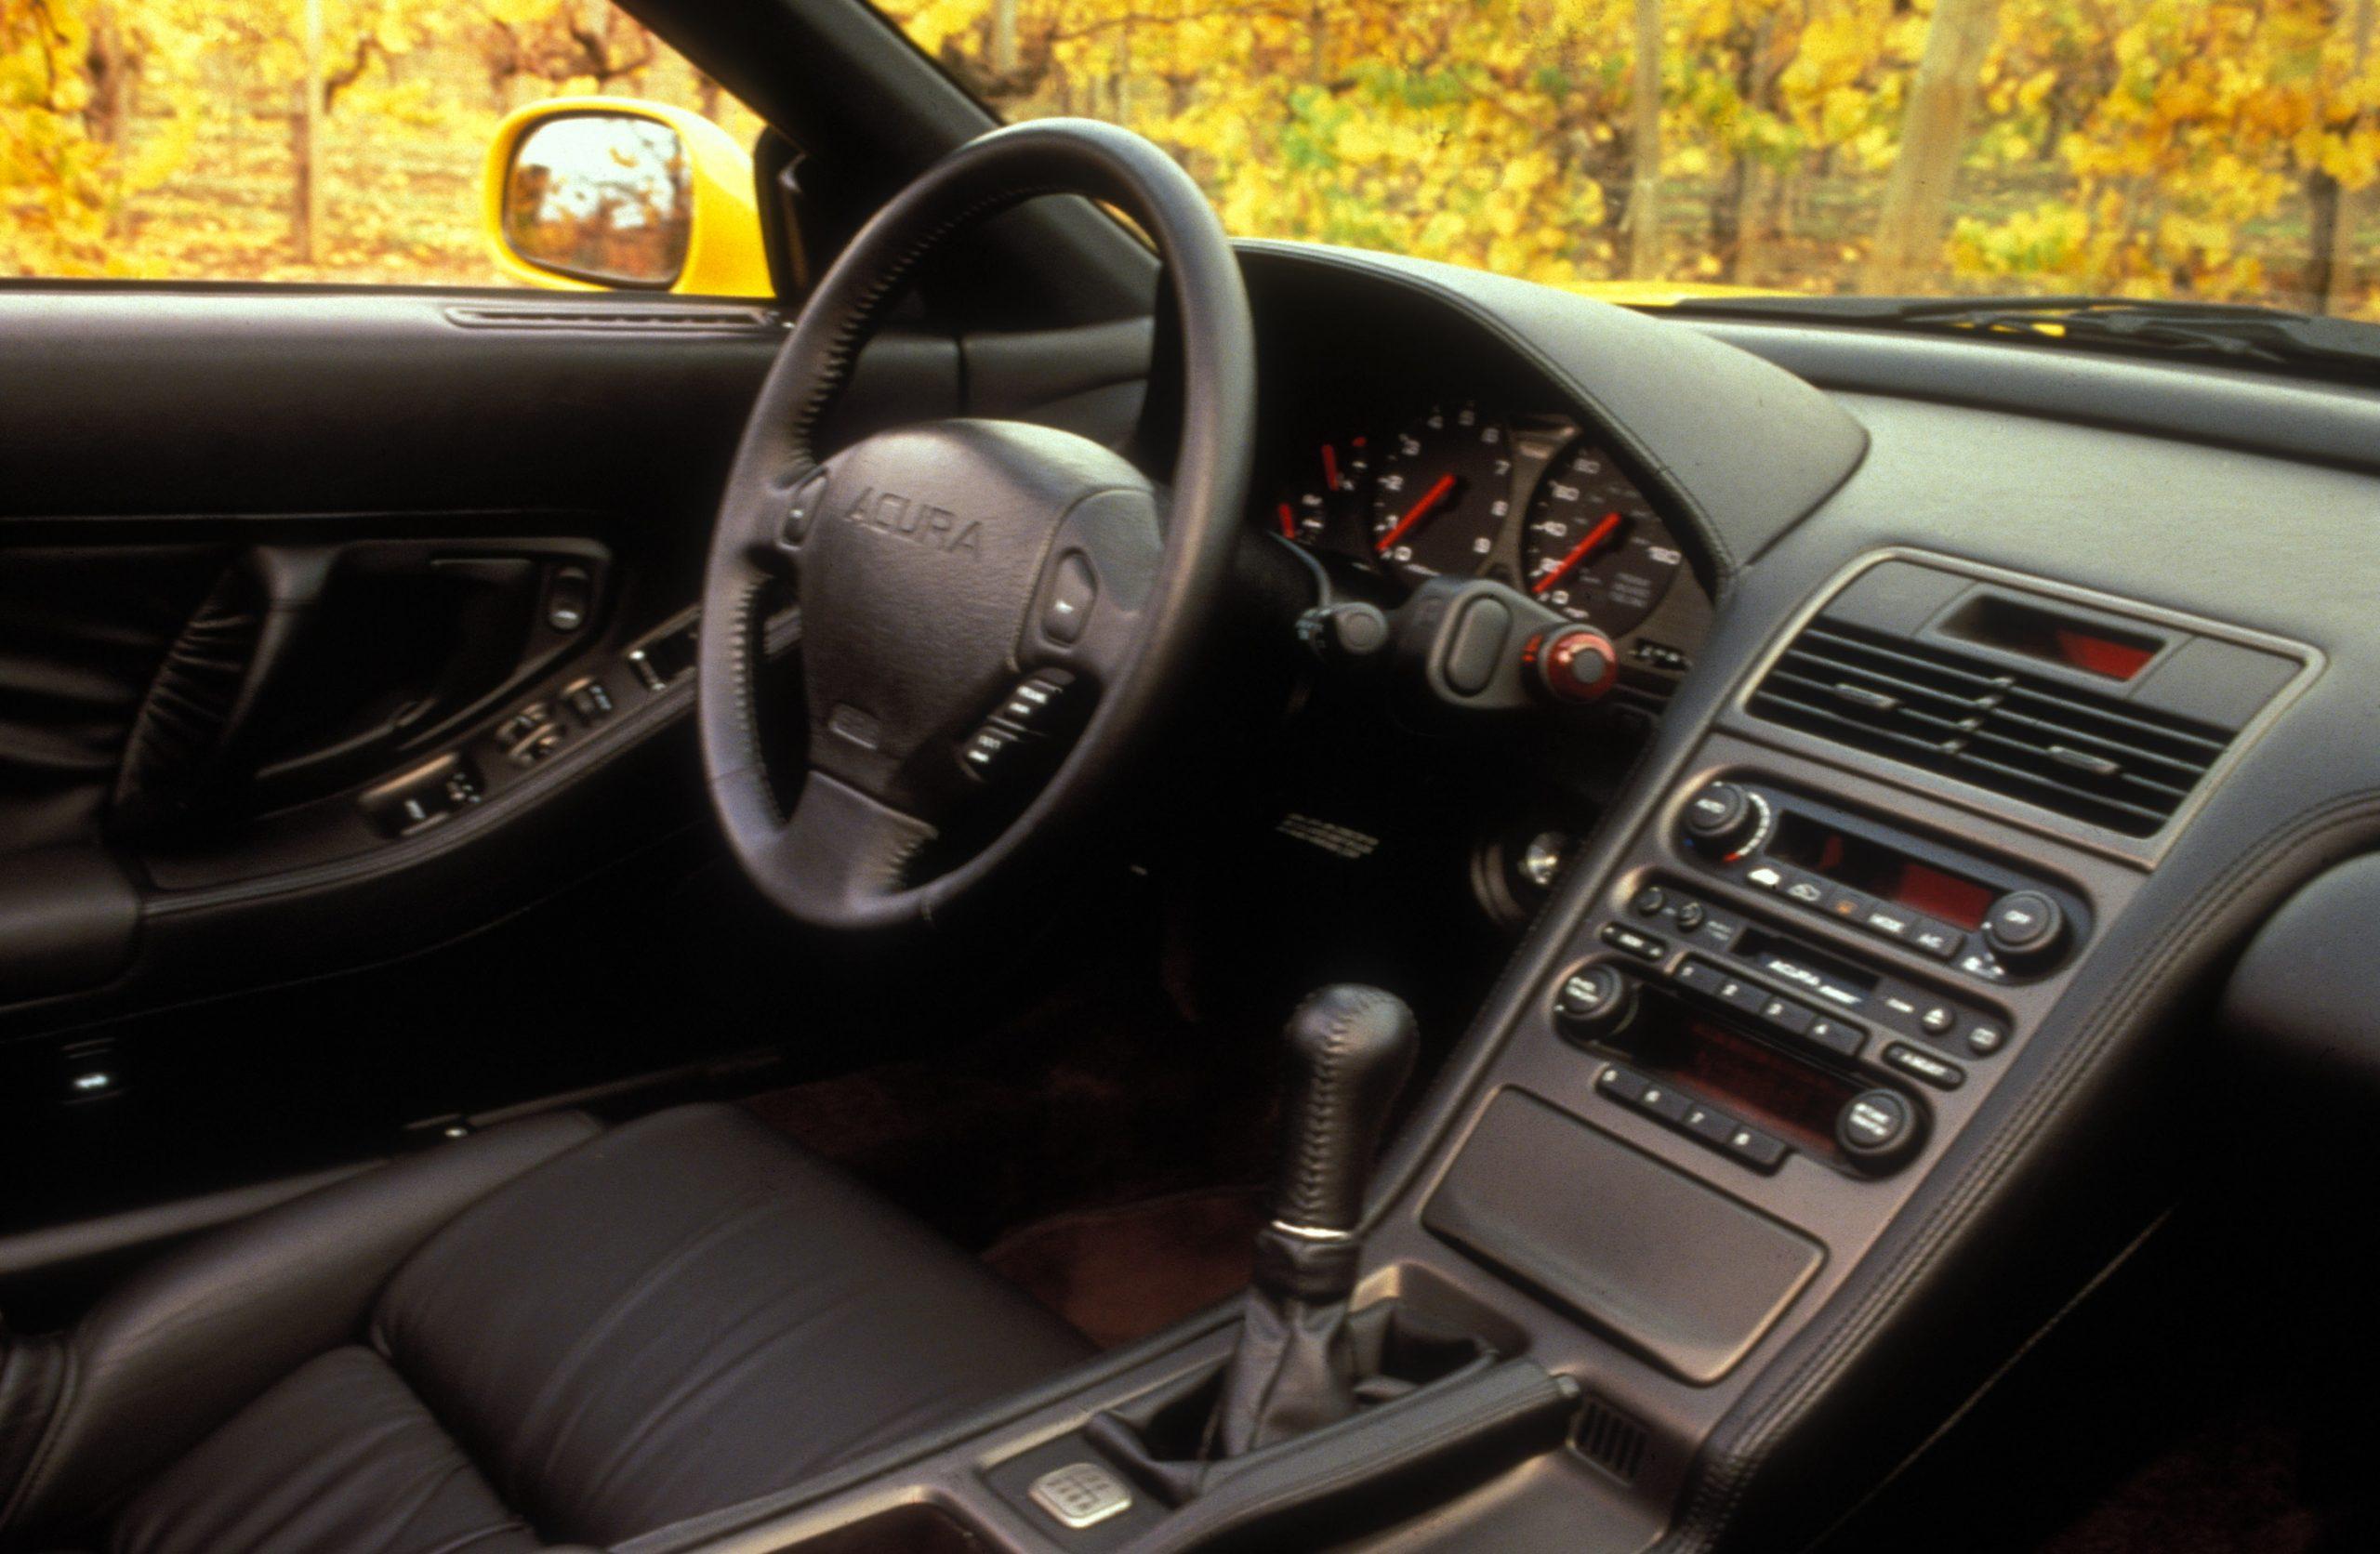 1997 Acura NSX interior